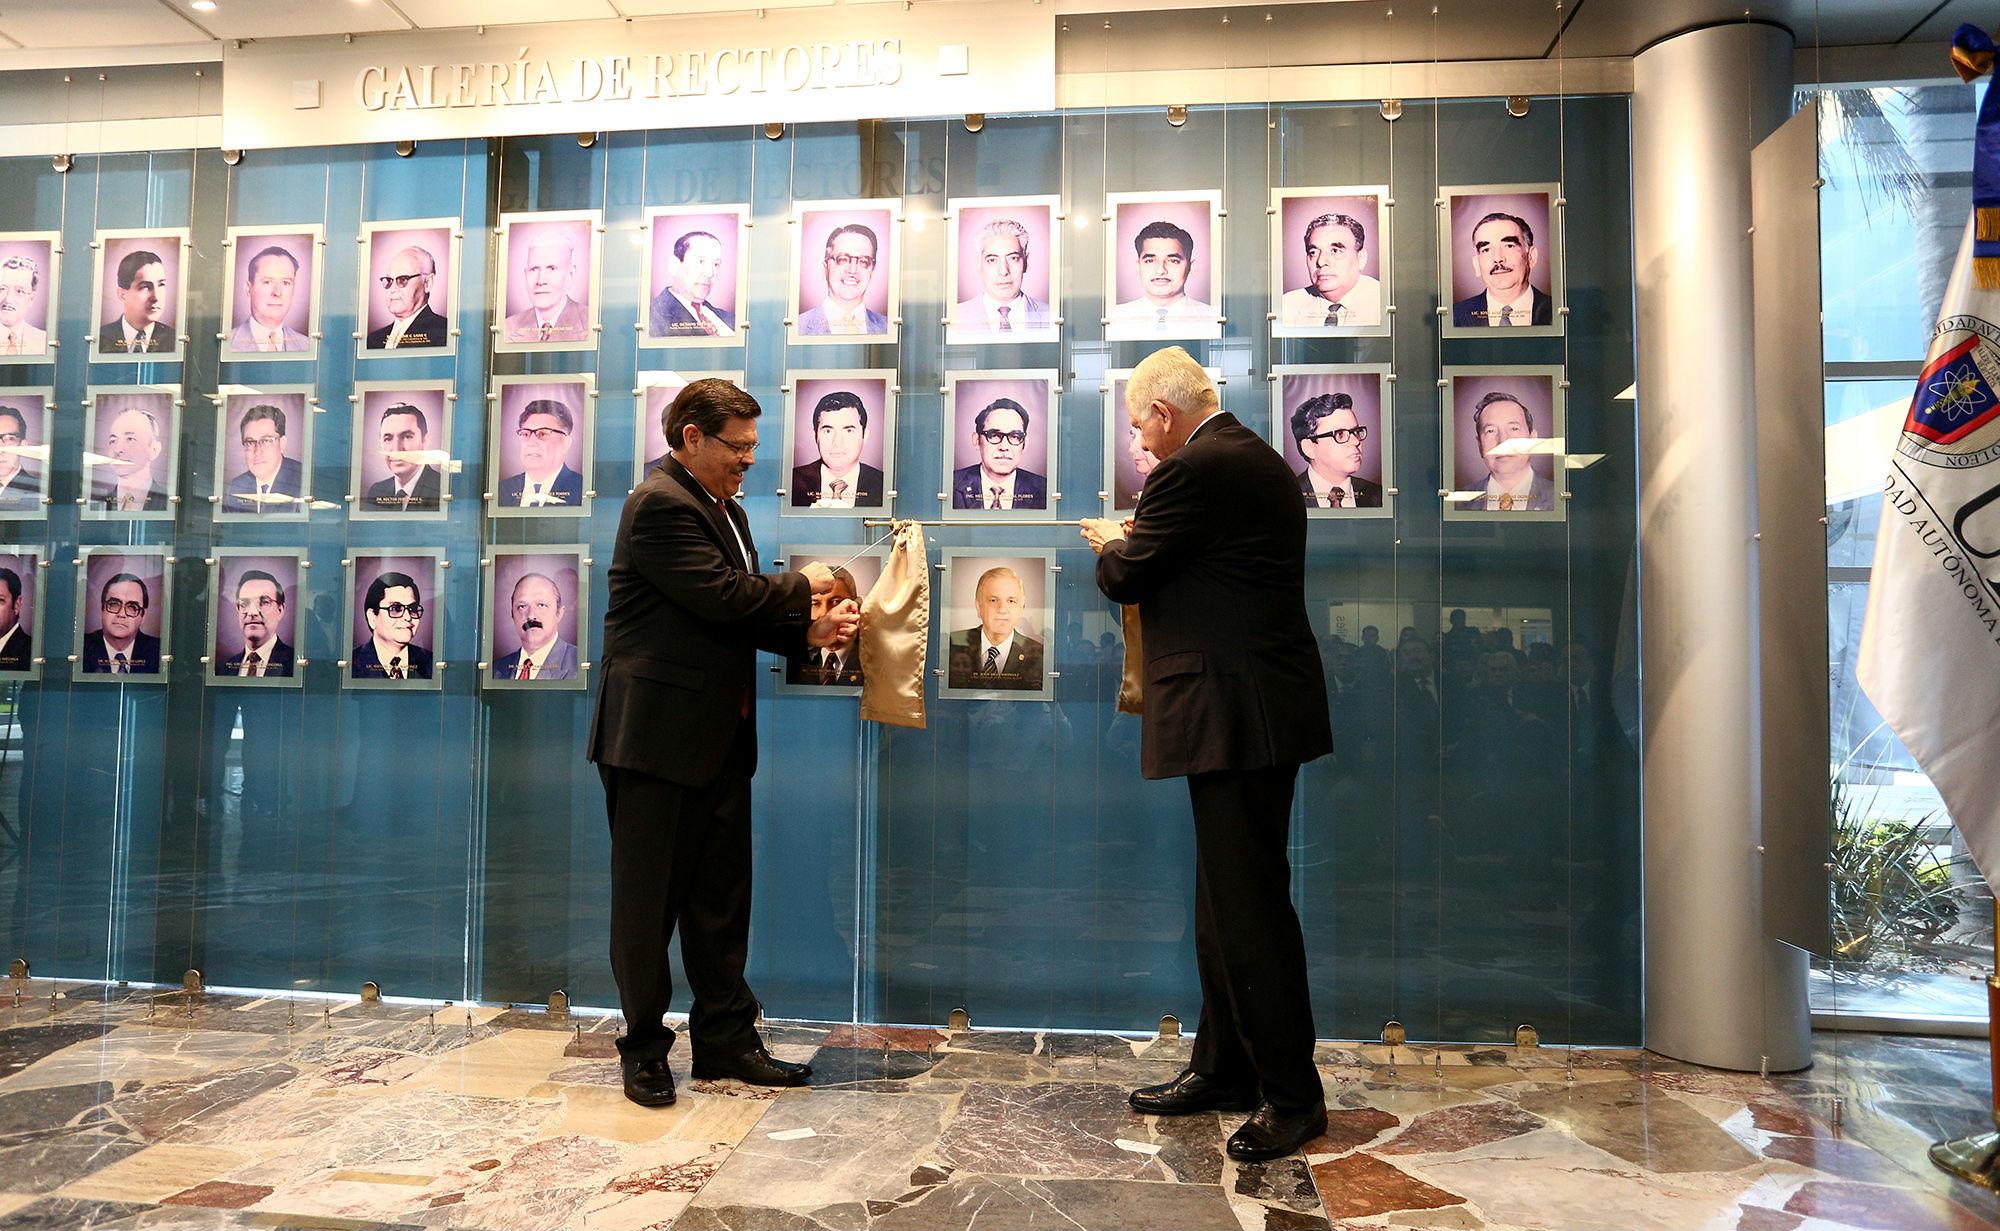 El Rector y el Secretario General develaron la fotografía en la Galería de Rectores